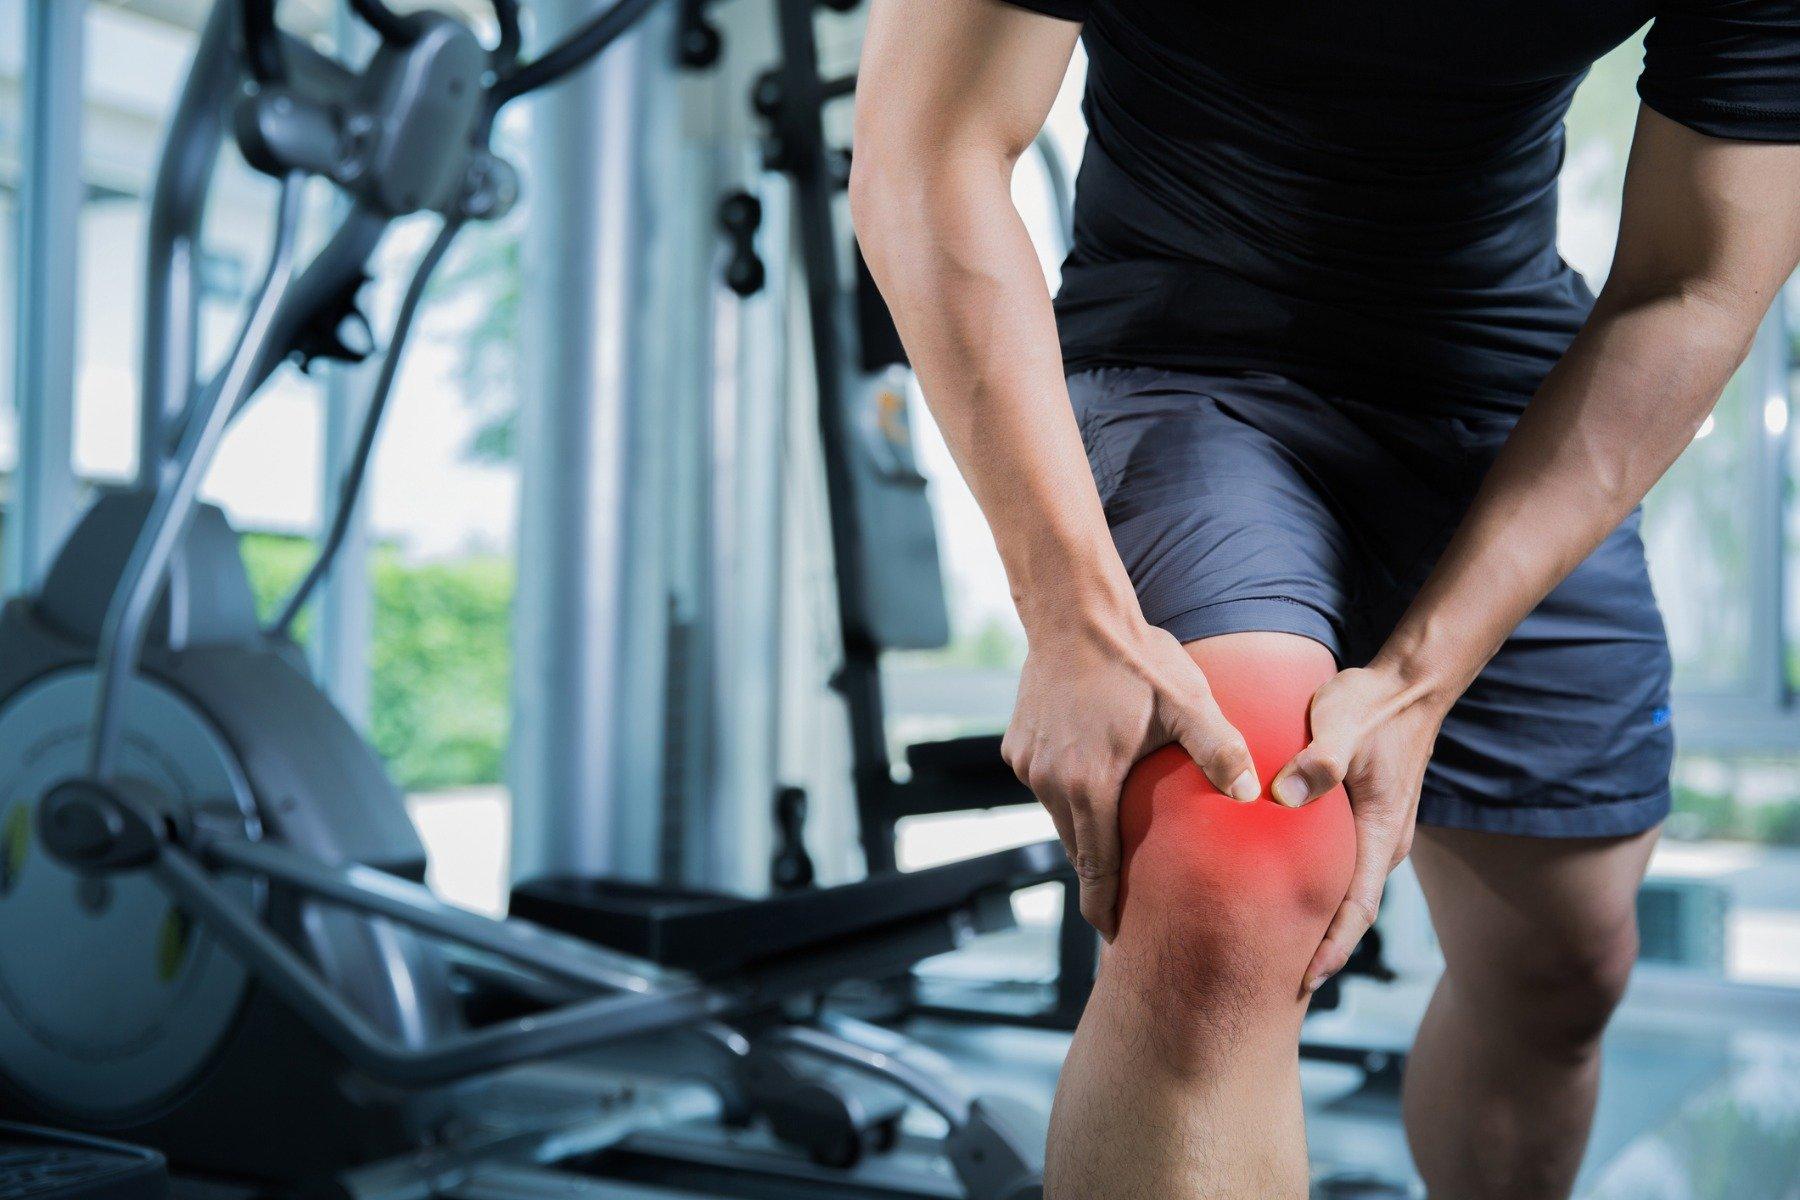 térd osteoporosis 1 fokos kezelése